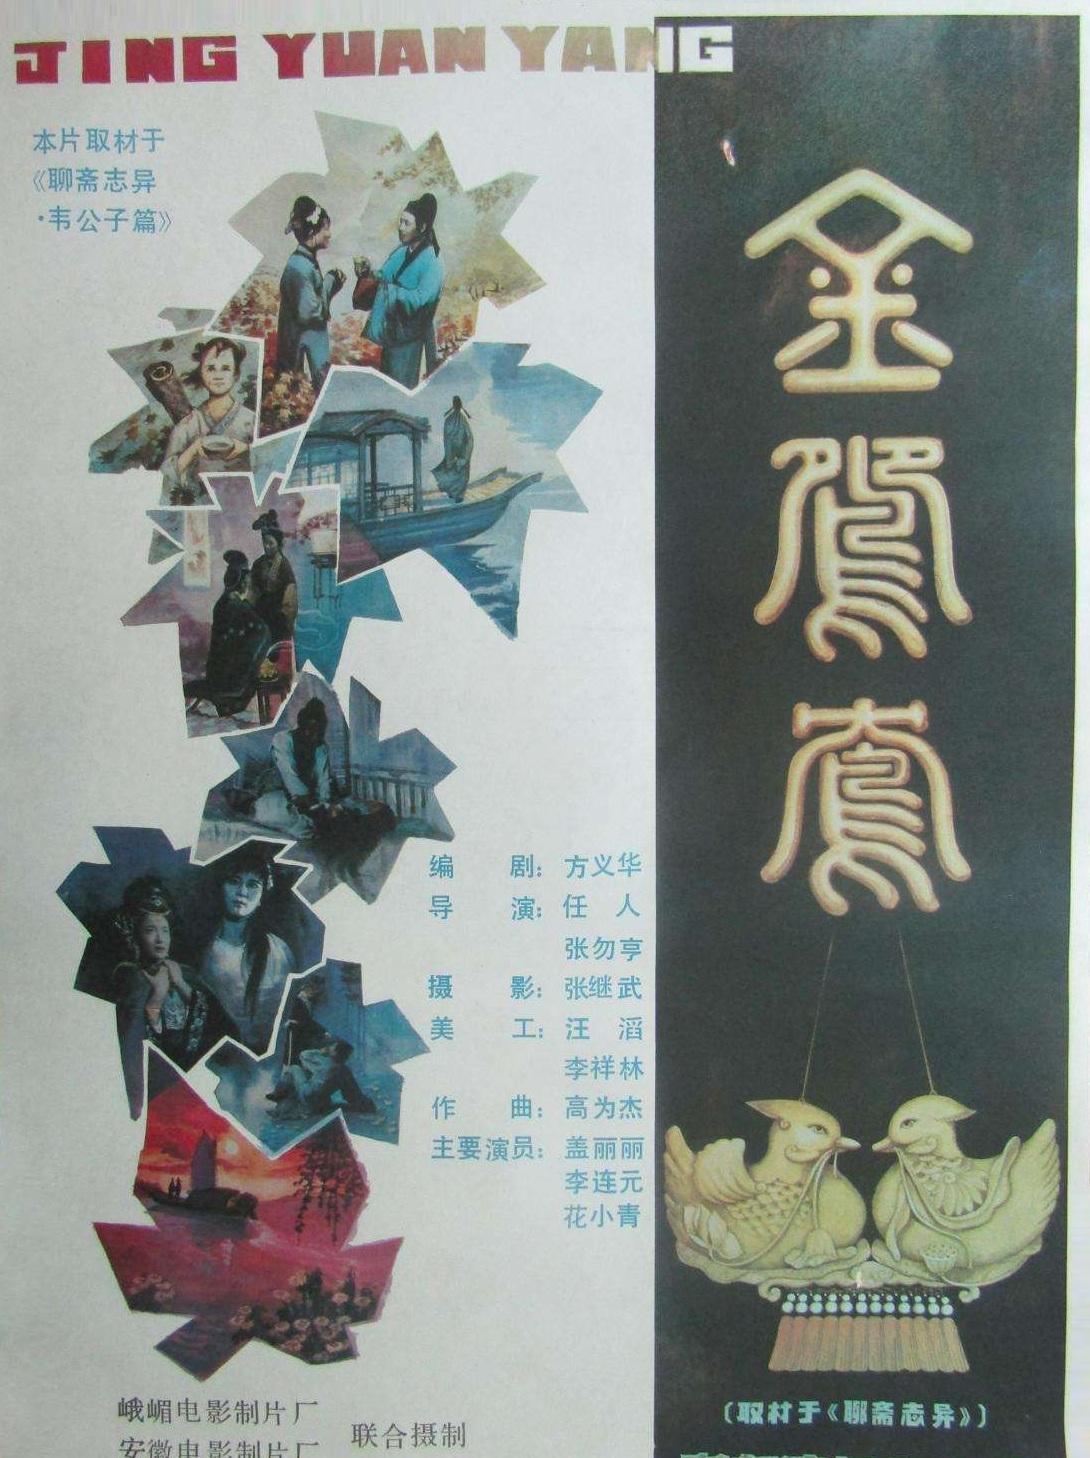 Jin yuan yang ((1988))